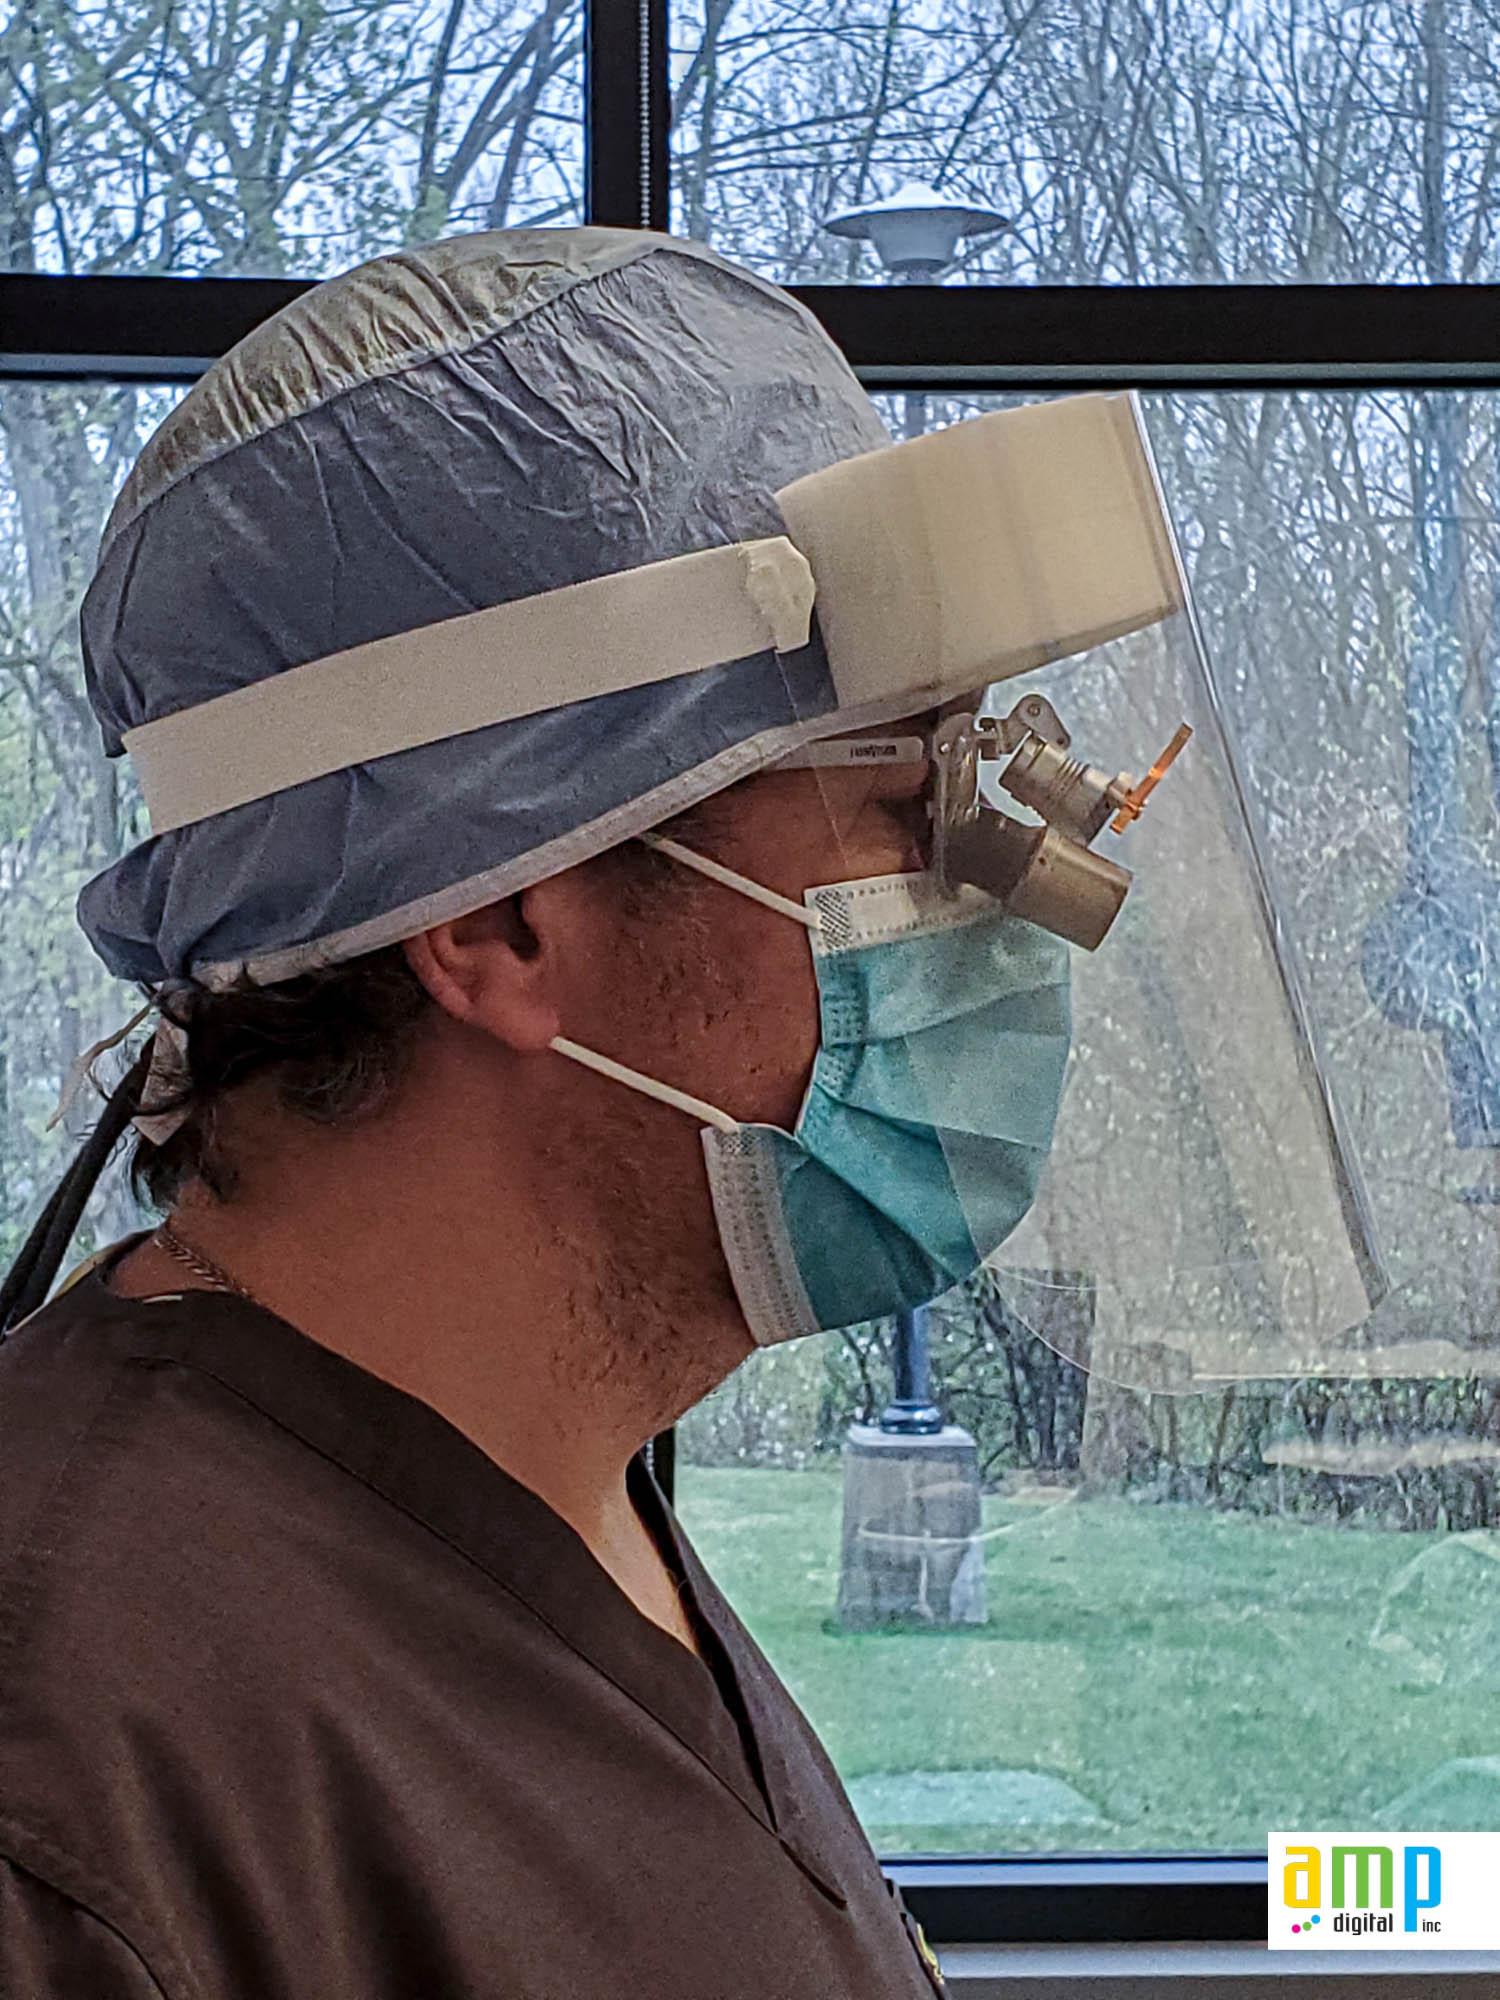 Visière de protection hygiénique pour dentiste avec lunettes grossissantes